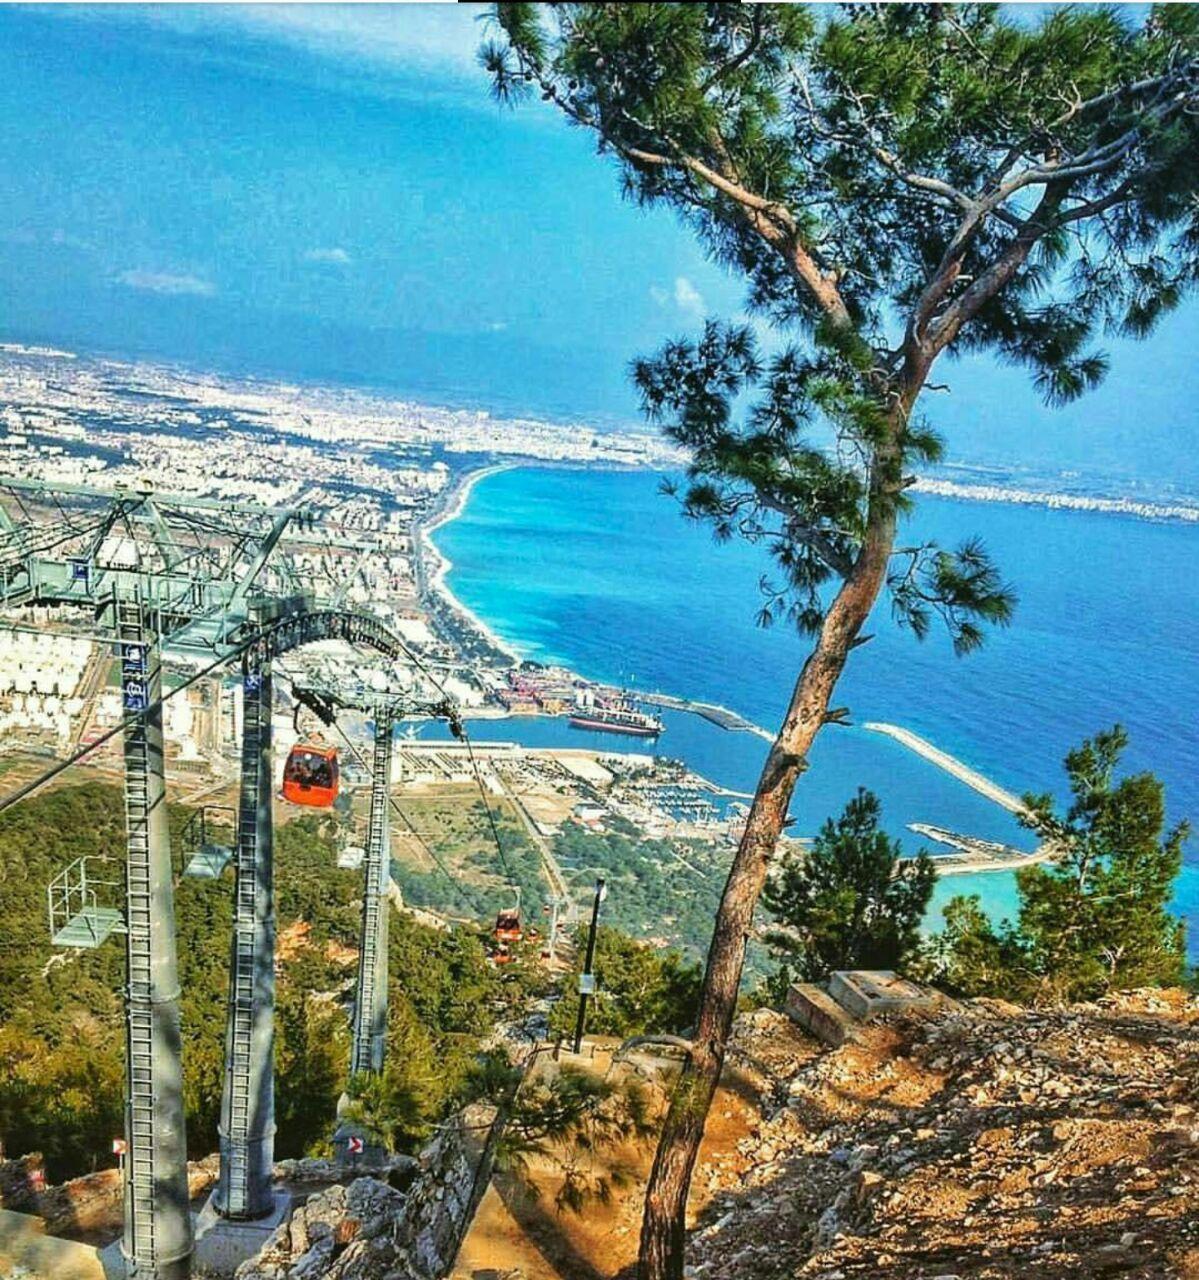 افتتاح أرخص تلفريك في تركيا للخدمة في أنطاليا